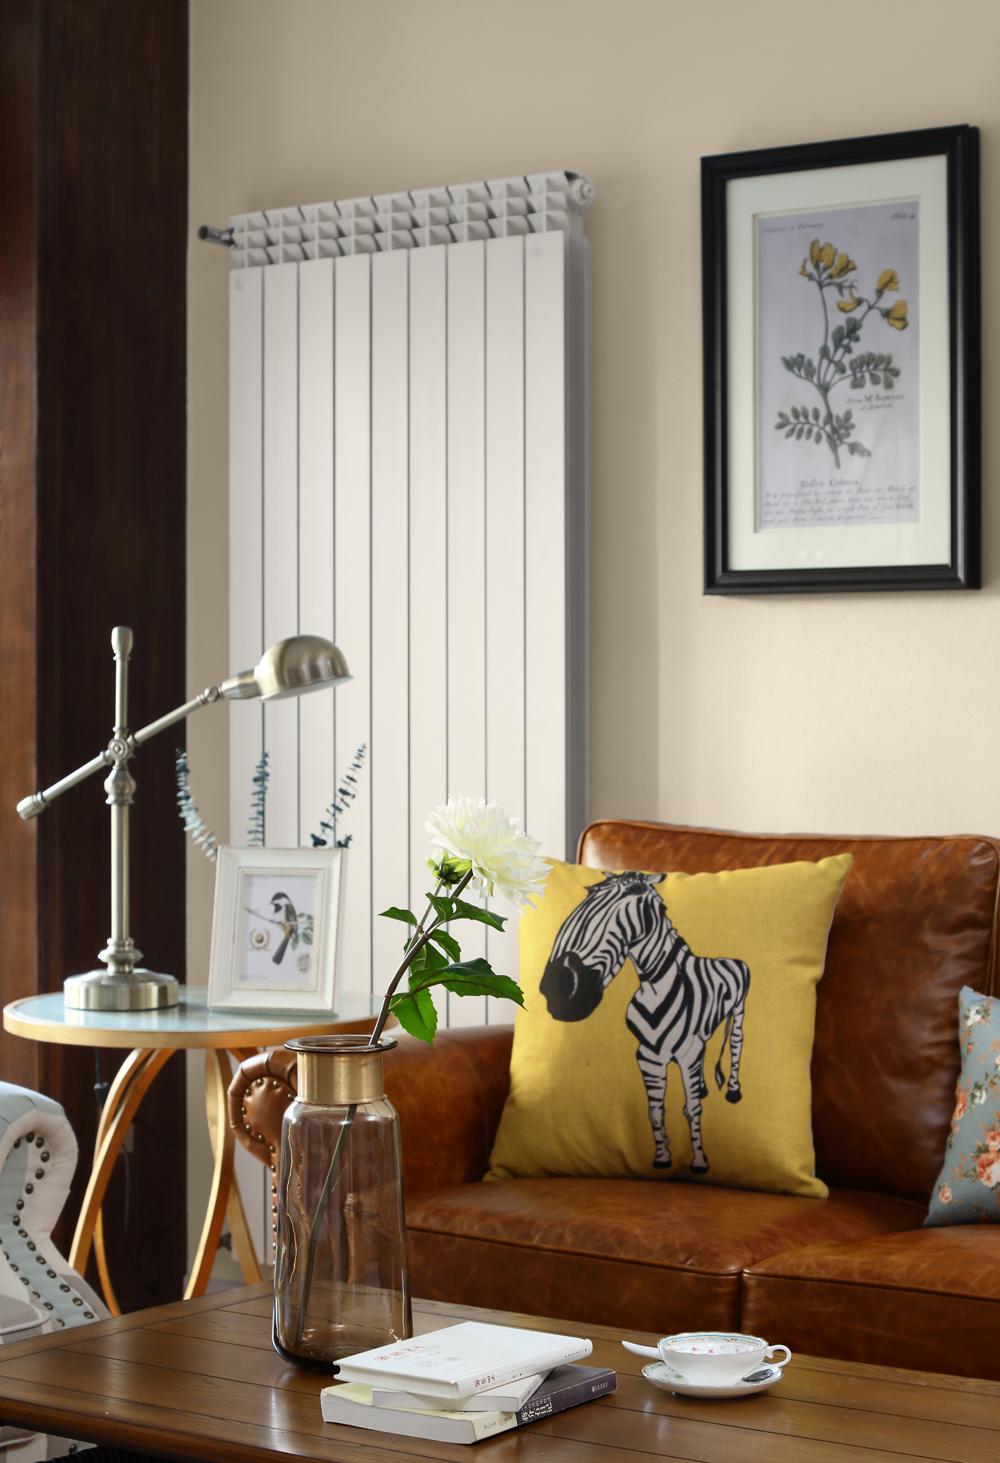 133㎡美式风格装修客厅小景